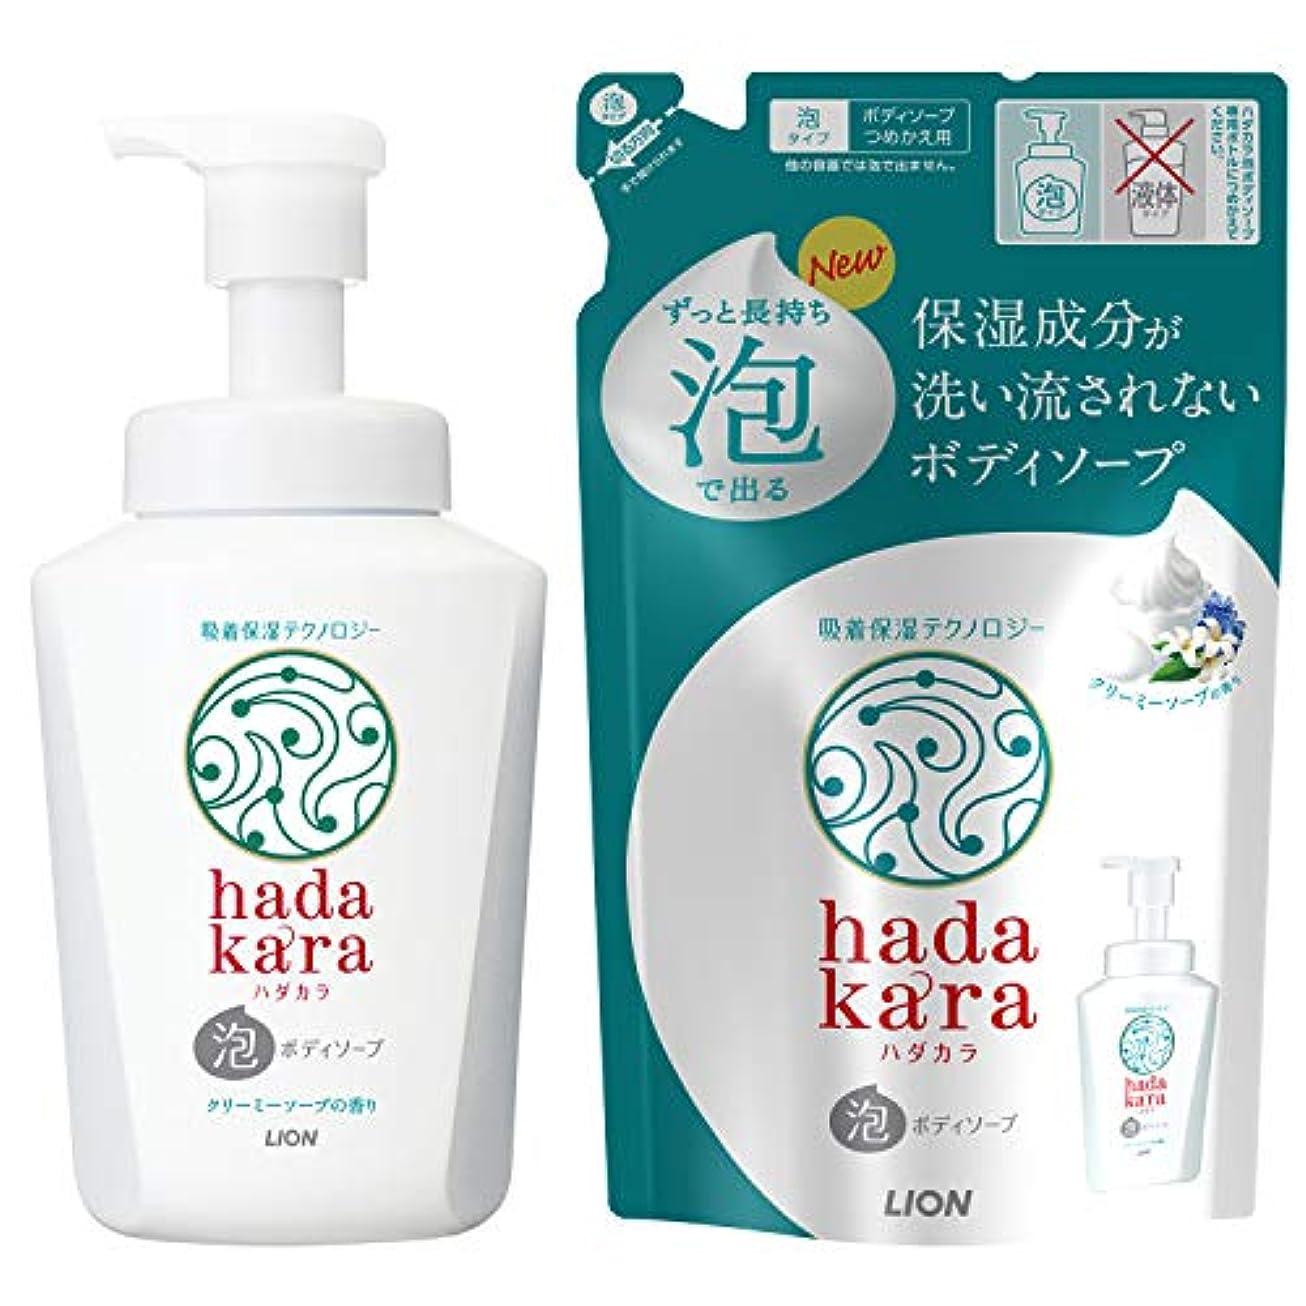 露骨な路地想定hadakara(ハダカラ) ボディソープ 泡タイプ クリーミーソープの香り 本体550ml+詰替440ml